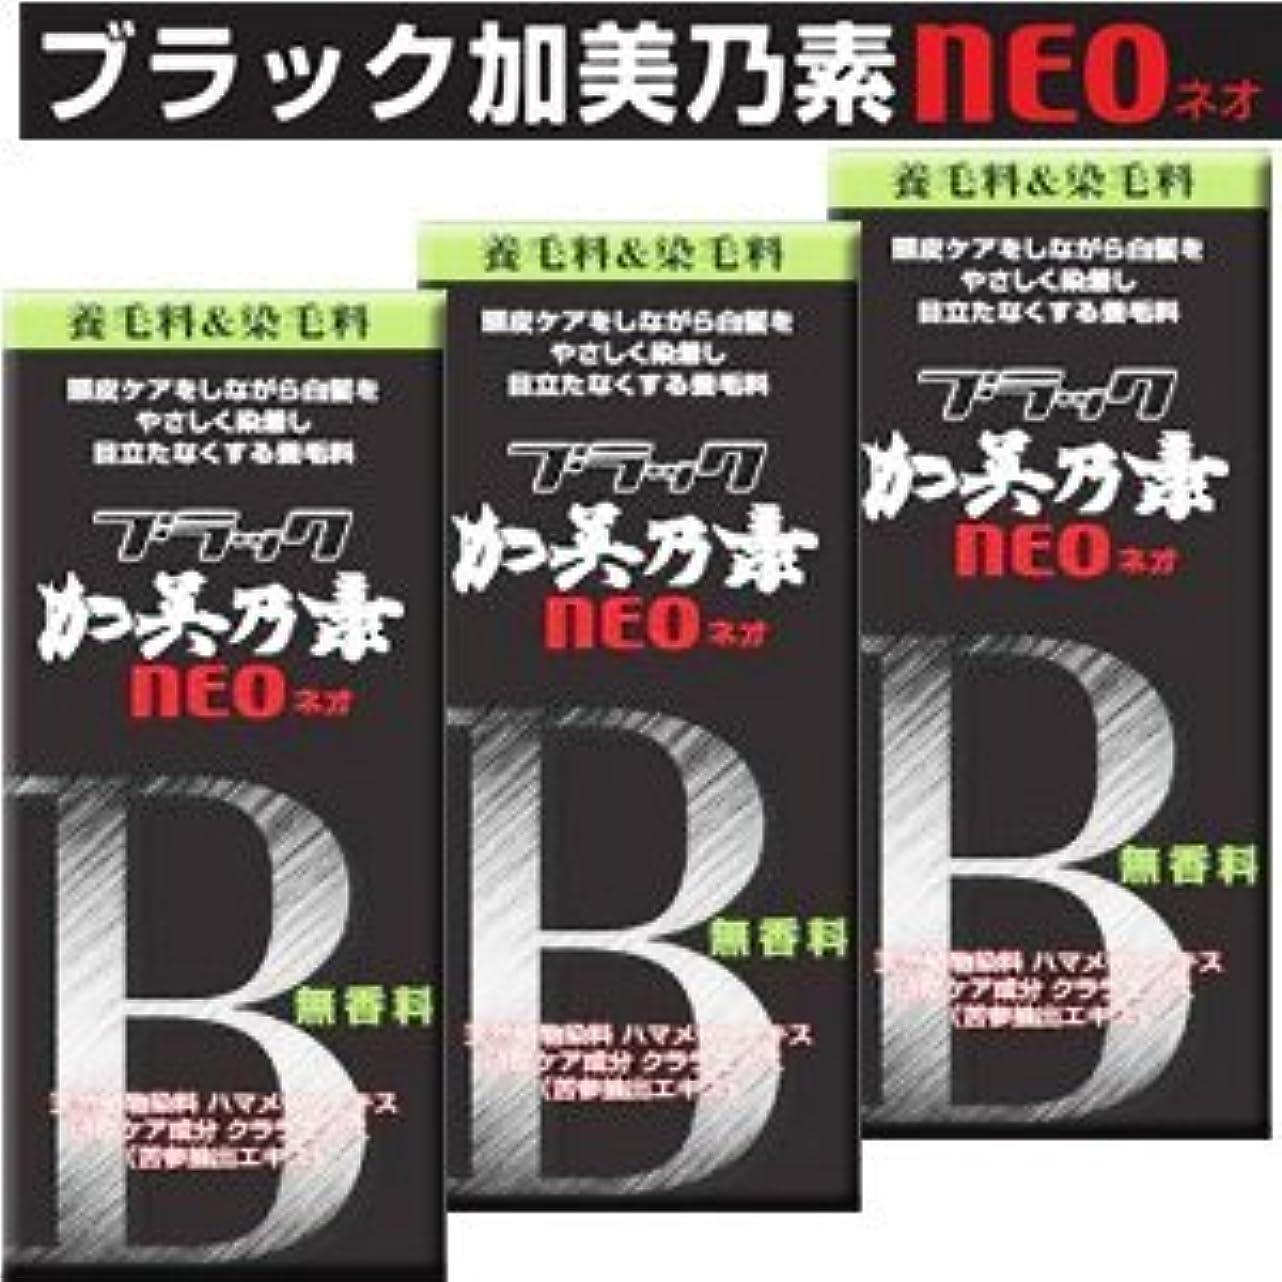 男西アンカー【3個】 ブラック加美乃素NEO 無香料 150mlx3個 (4987046370105)